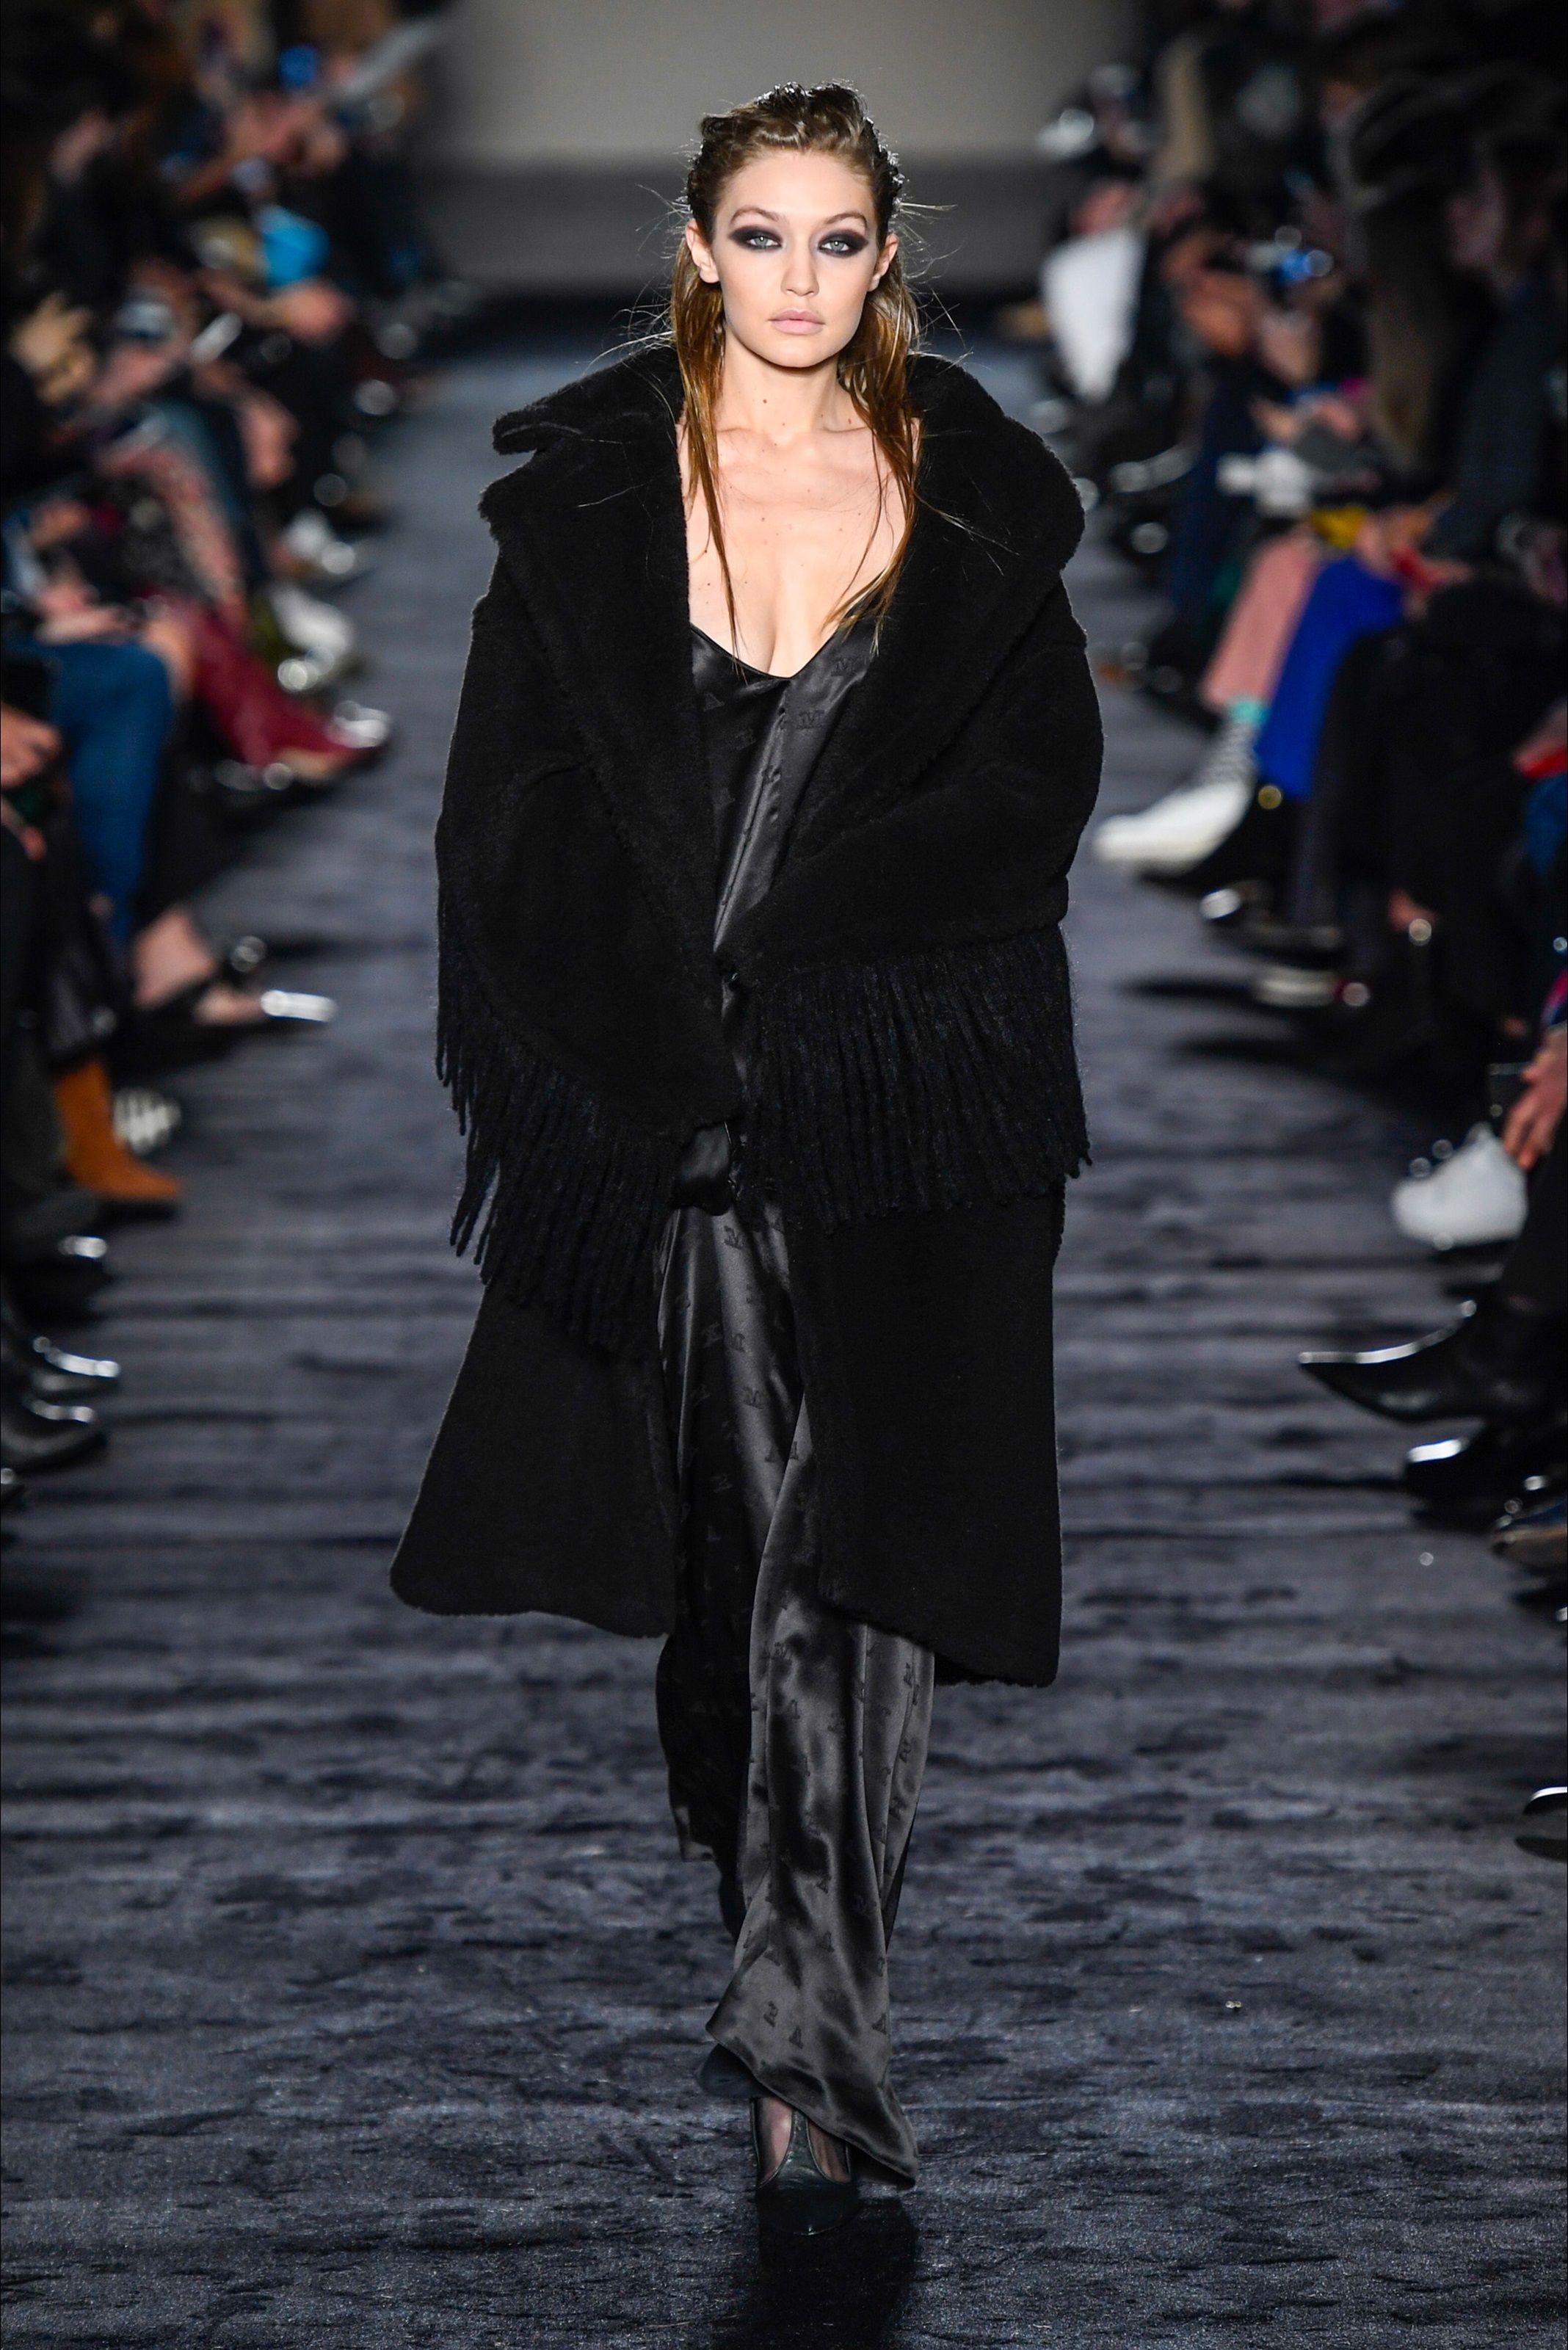 e1e4f993726c3 Sfilata Max Mara Milano - Collezioni Autunno Inverno 2018-19 - Vogue ...